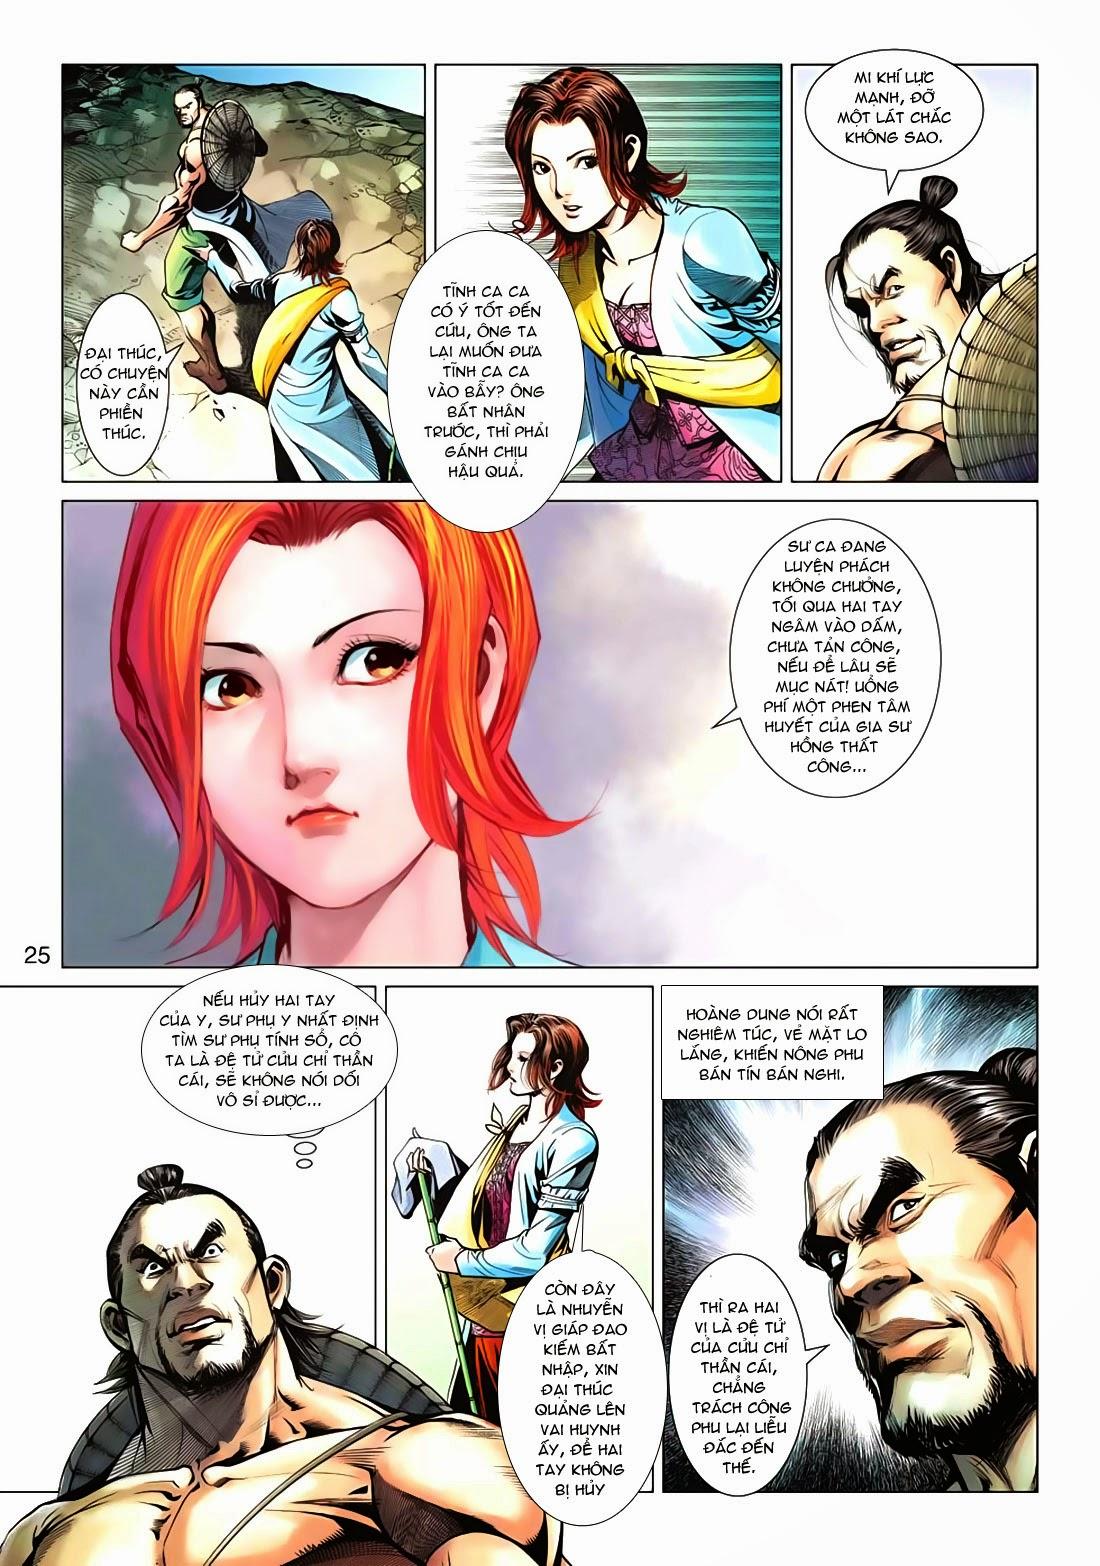 Anh Hùng Xạ Điêu anh hùng xạ đêu chap 72: ngư tiều canh độc trang 25